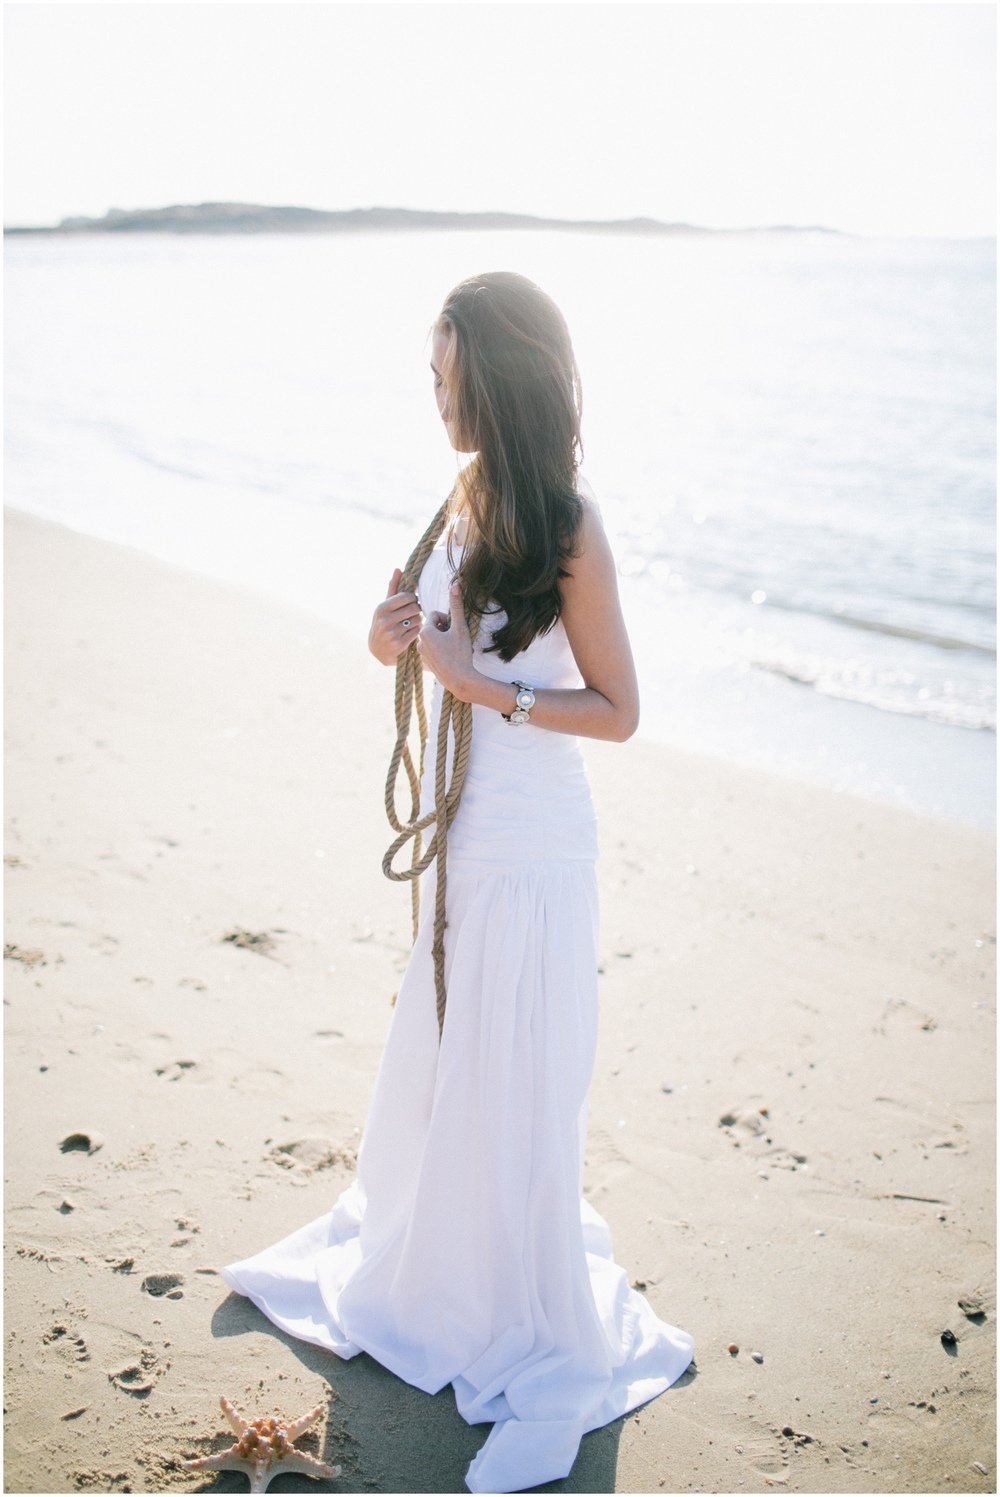 bridal-shoot-beach-inpsiration-cadzand-039.jpg